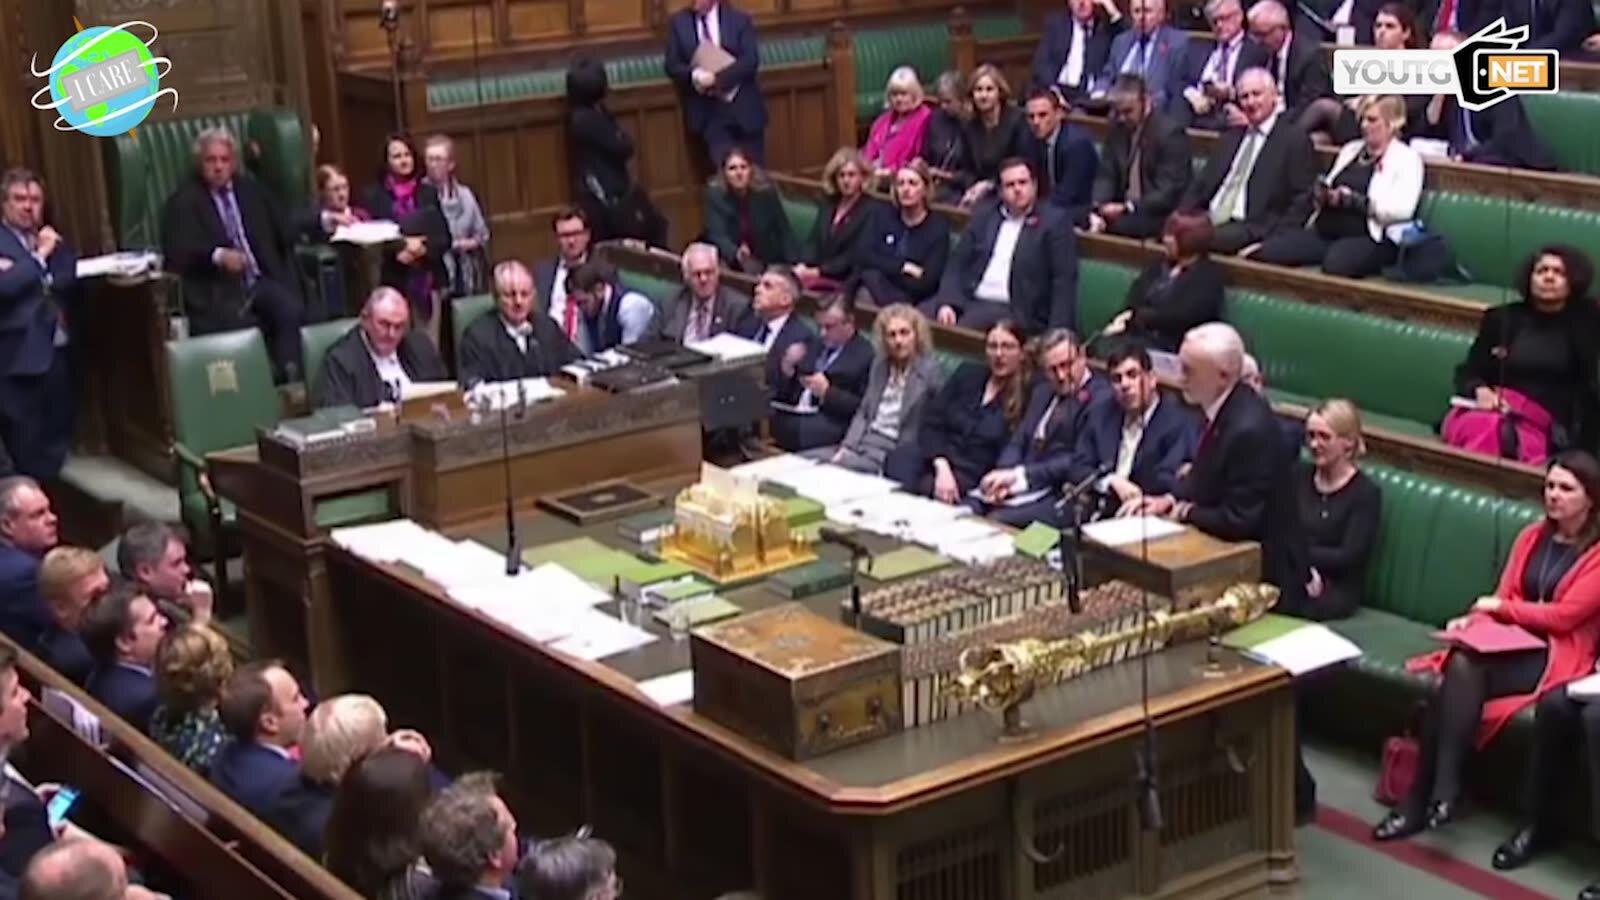 Le elezioni nel Regno Unito